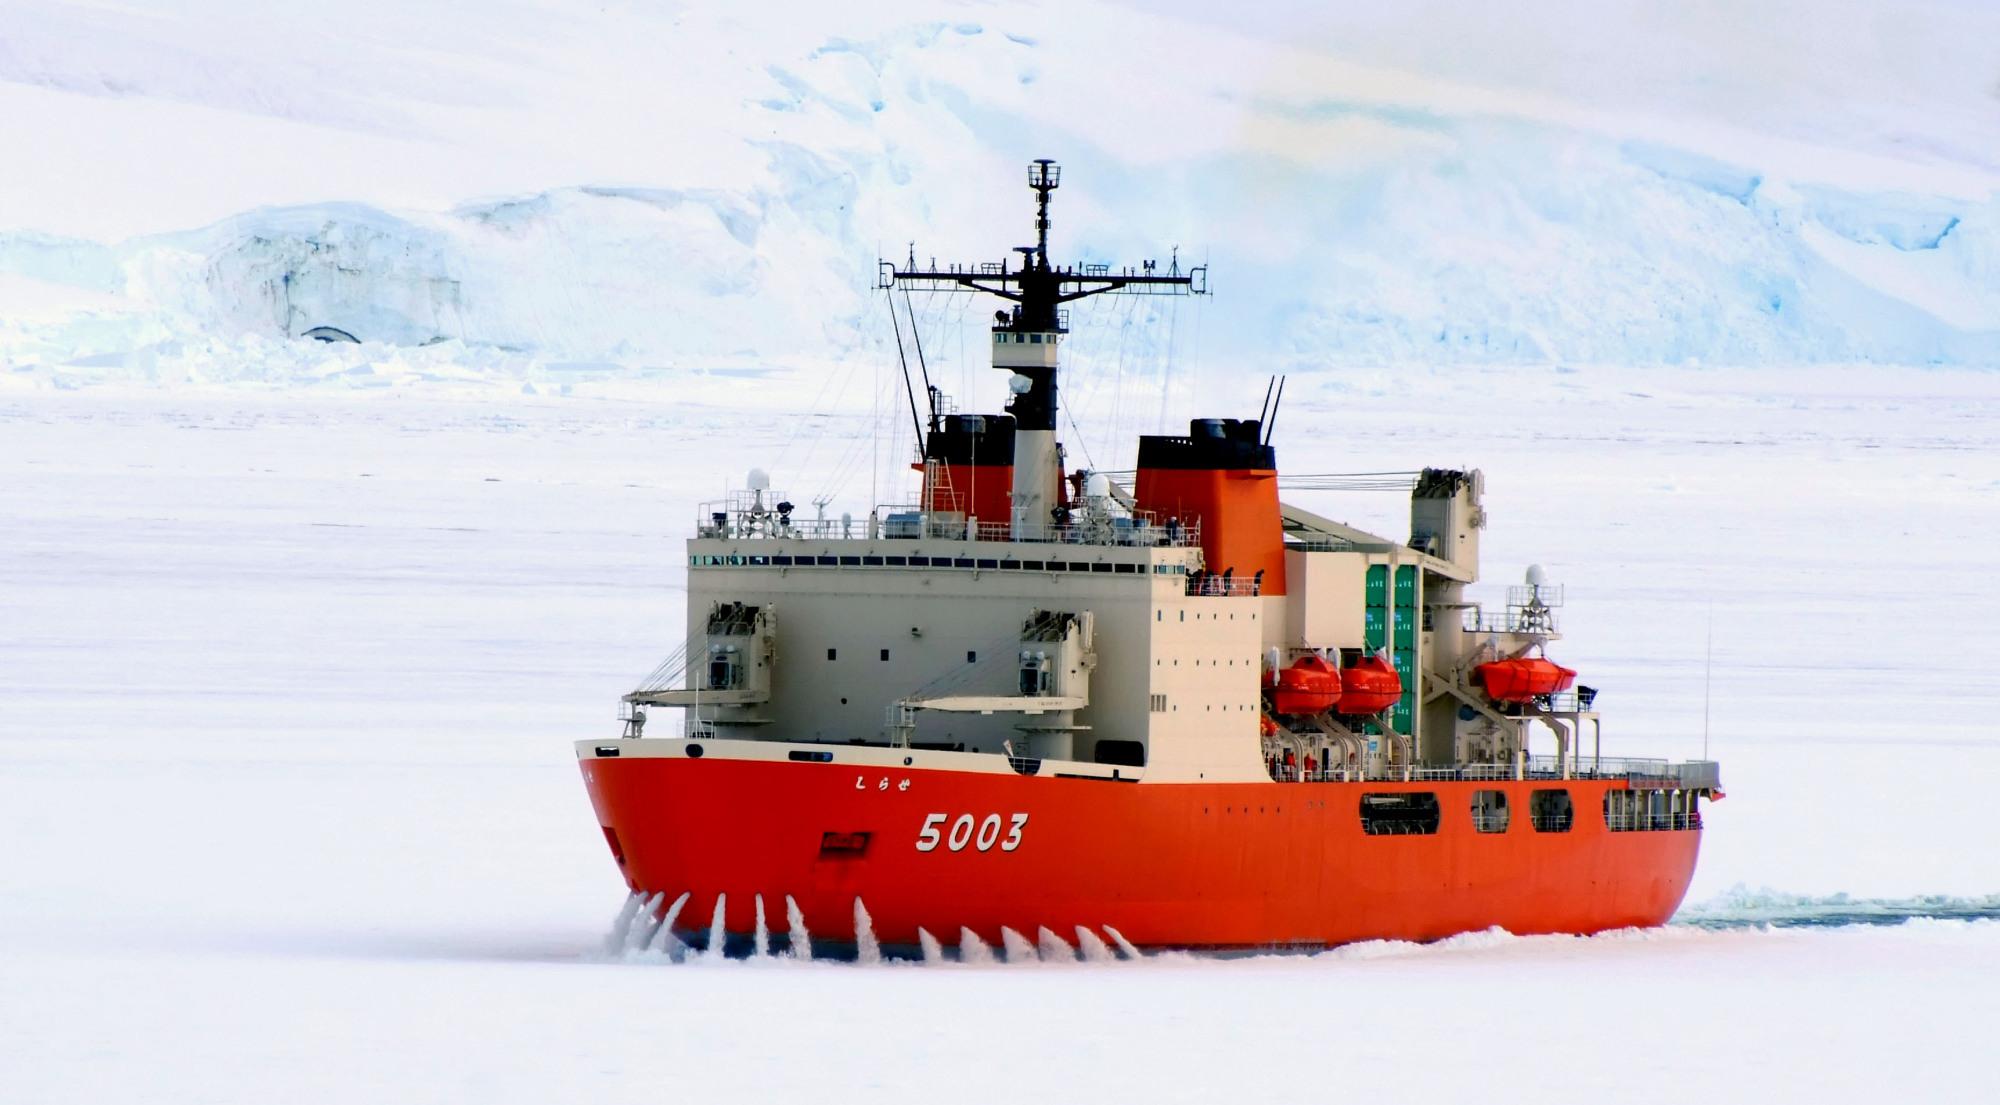 Япония создаст систему для безопасной навигации в Северном Ледовитом океане